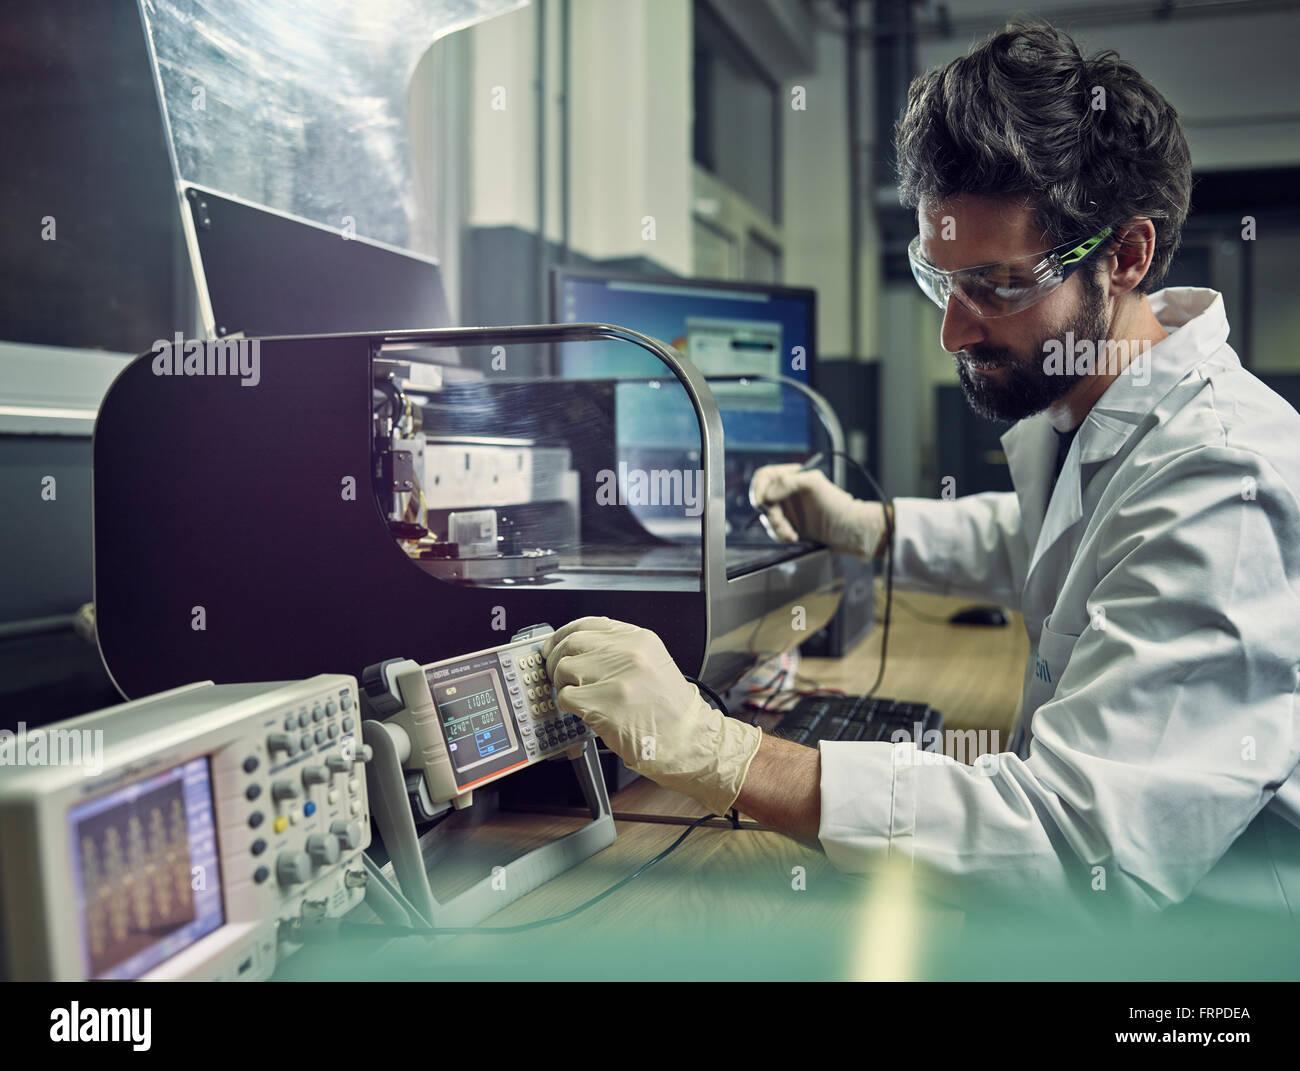 Lavoratore, strumento tecnico di misurare la resistenza, segnali elettrici, Austria Immagini Stock